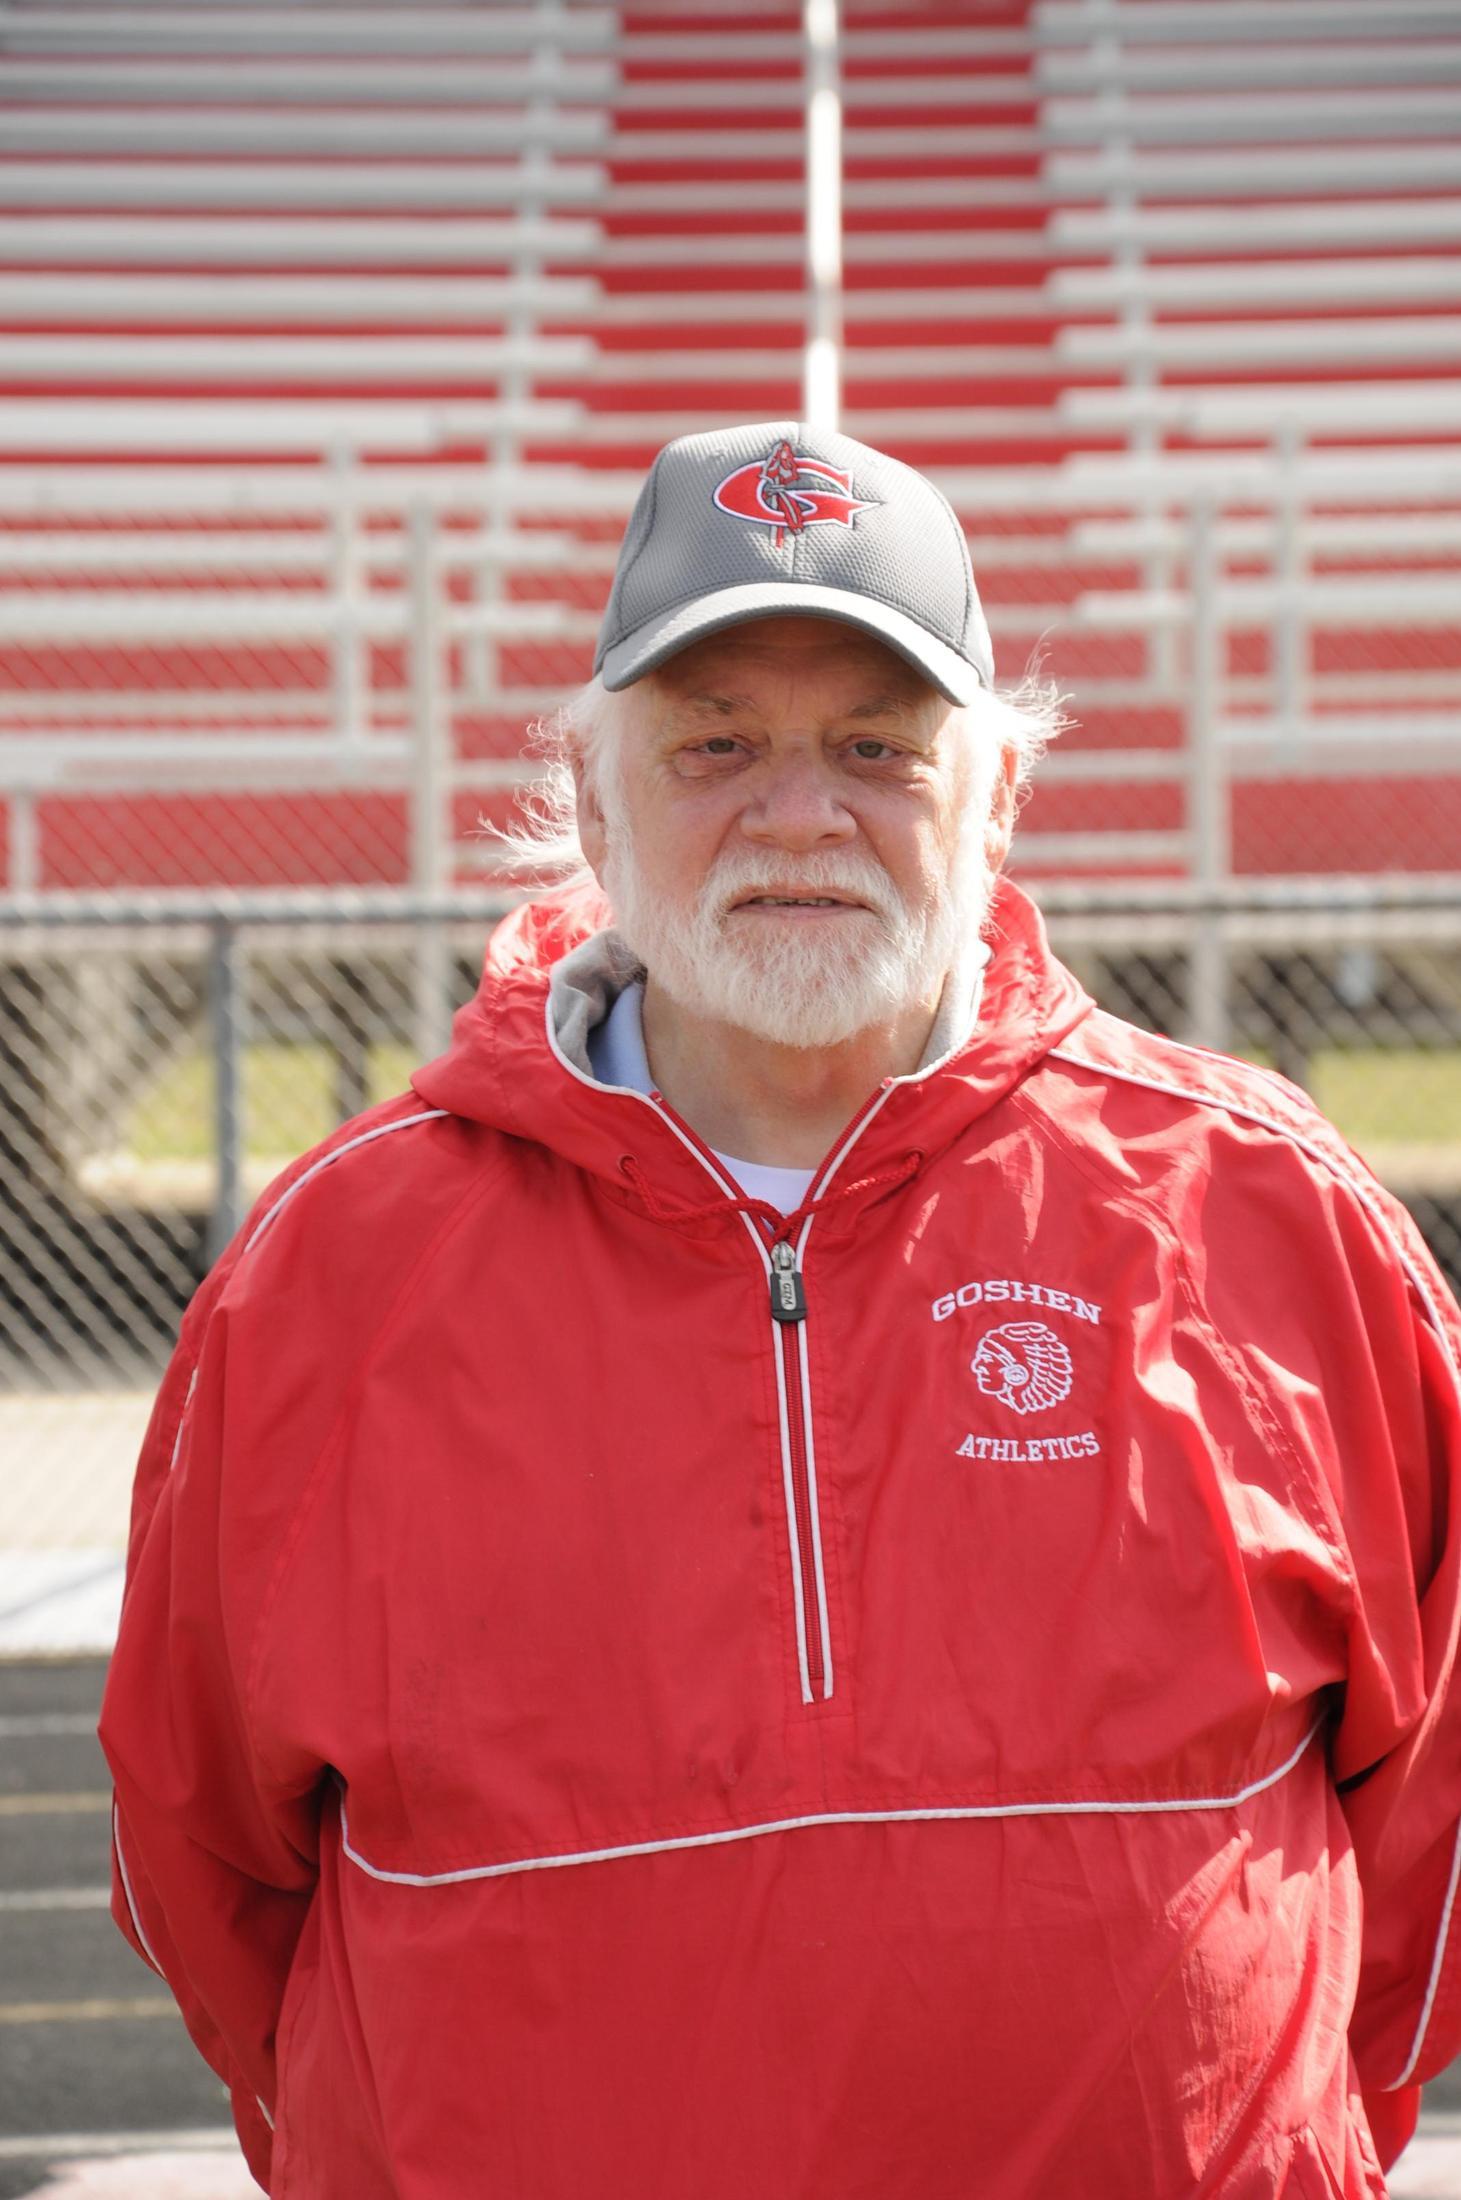 JV Coach Catauro